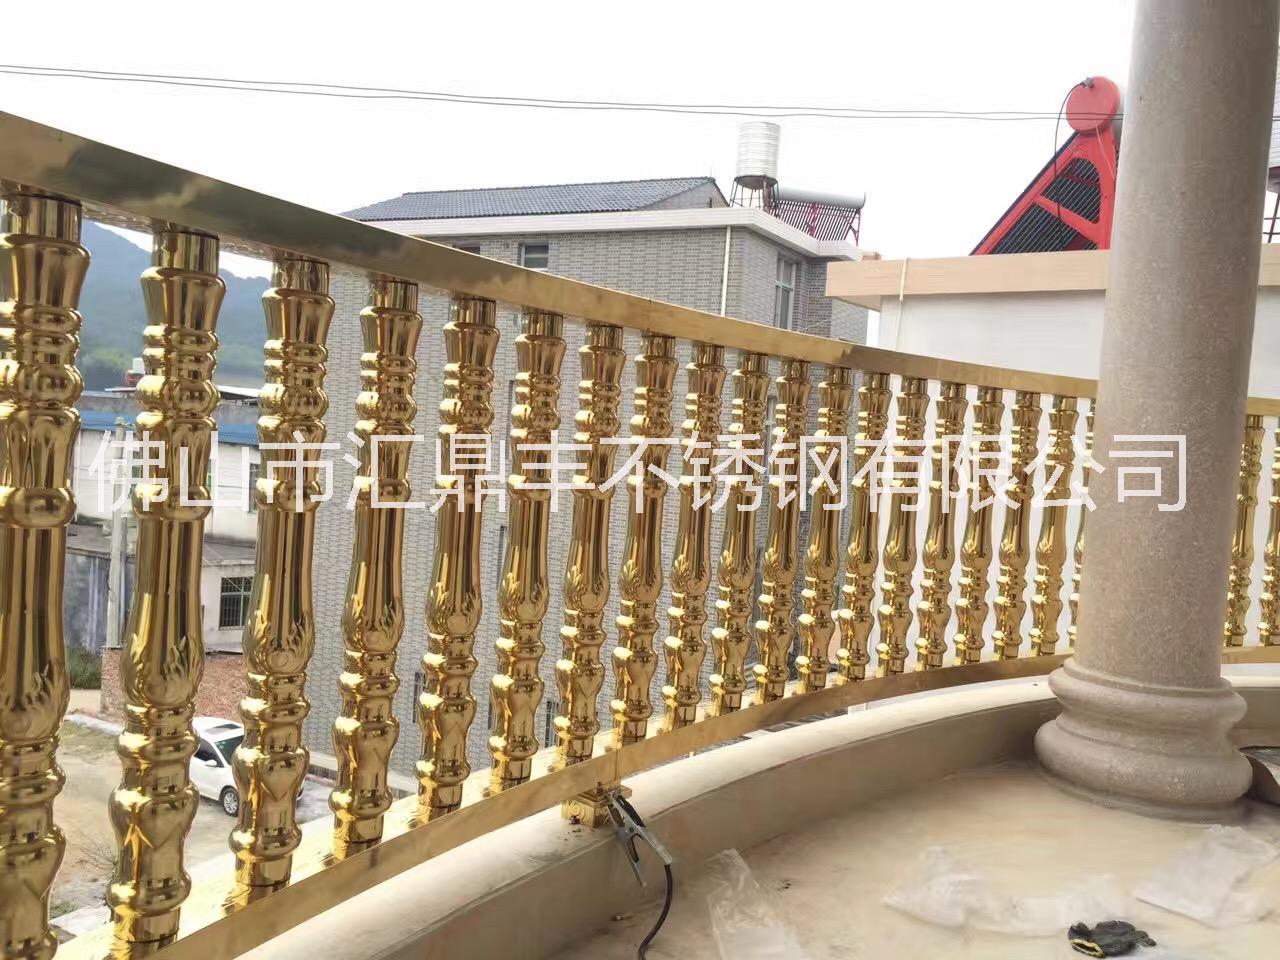 广东不锈钢彩色管生产厂家,广东不锈钢彩色管供应商,广东不锈钢彩色管批发价格